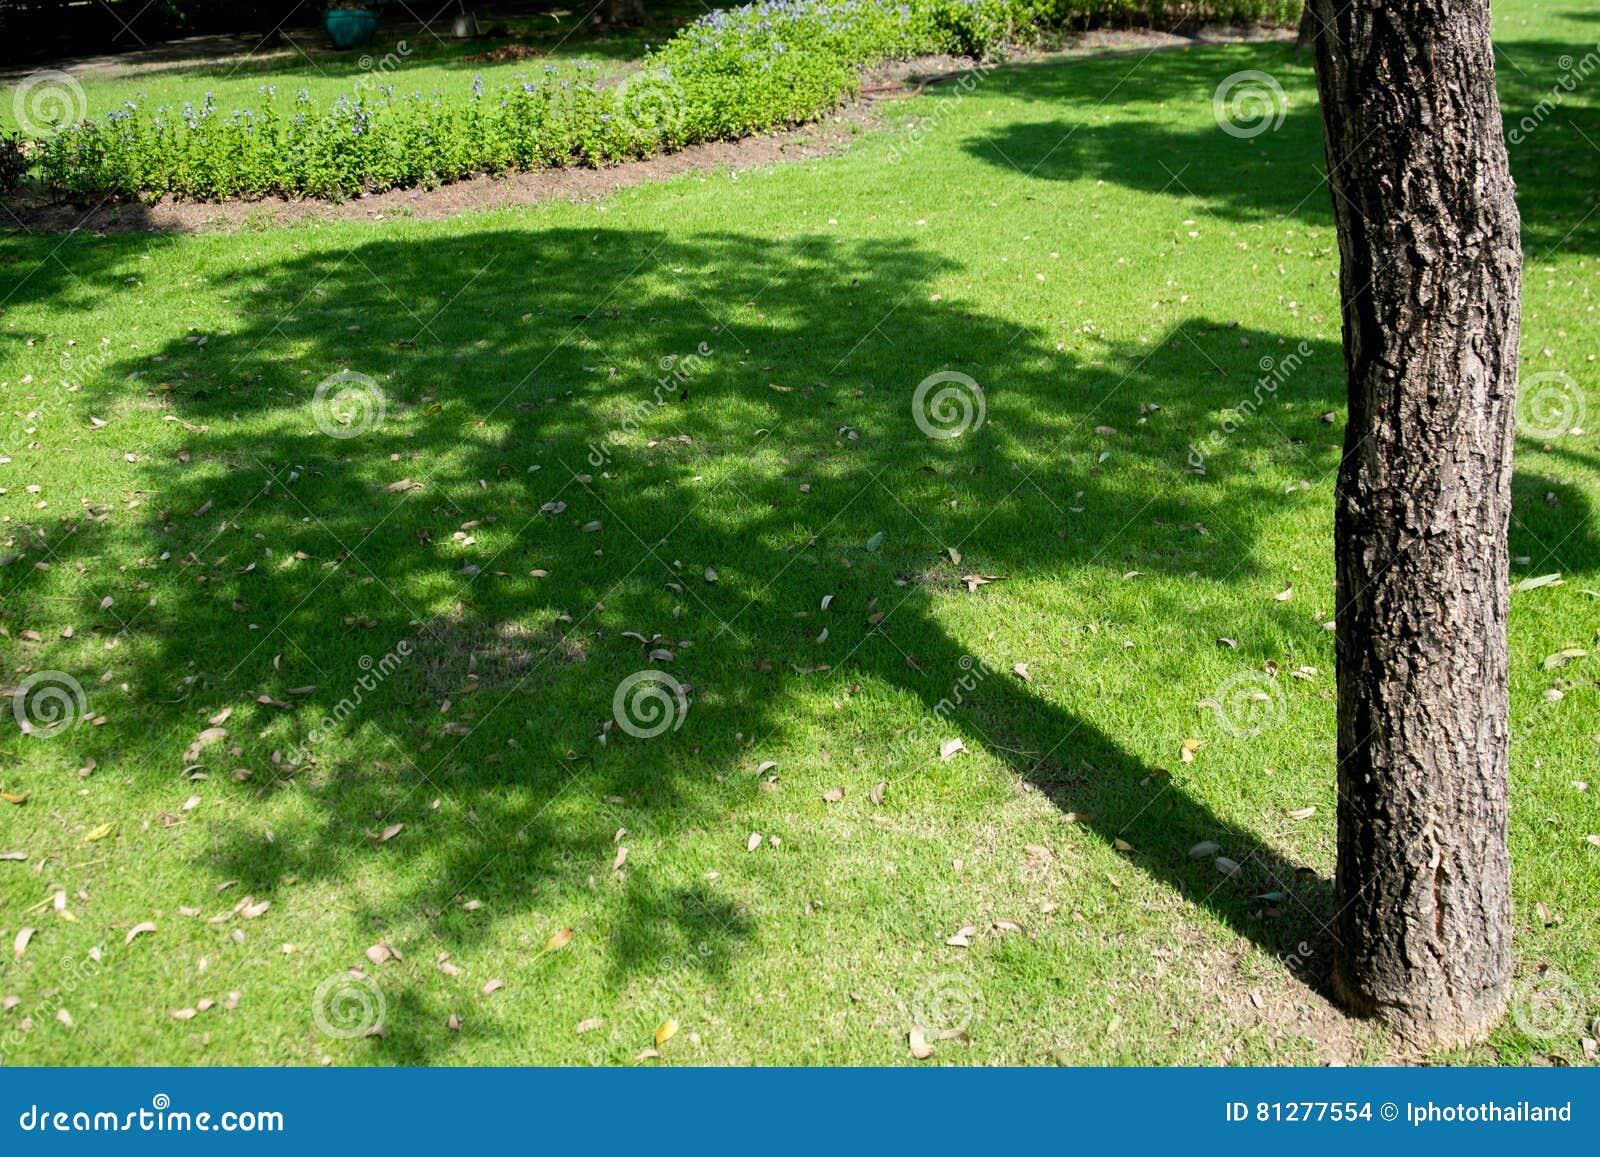 Gras In Tuin : Man het maaien van het gras tuin geen camerabeweging u stockvideo